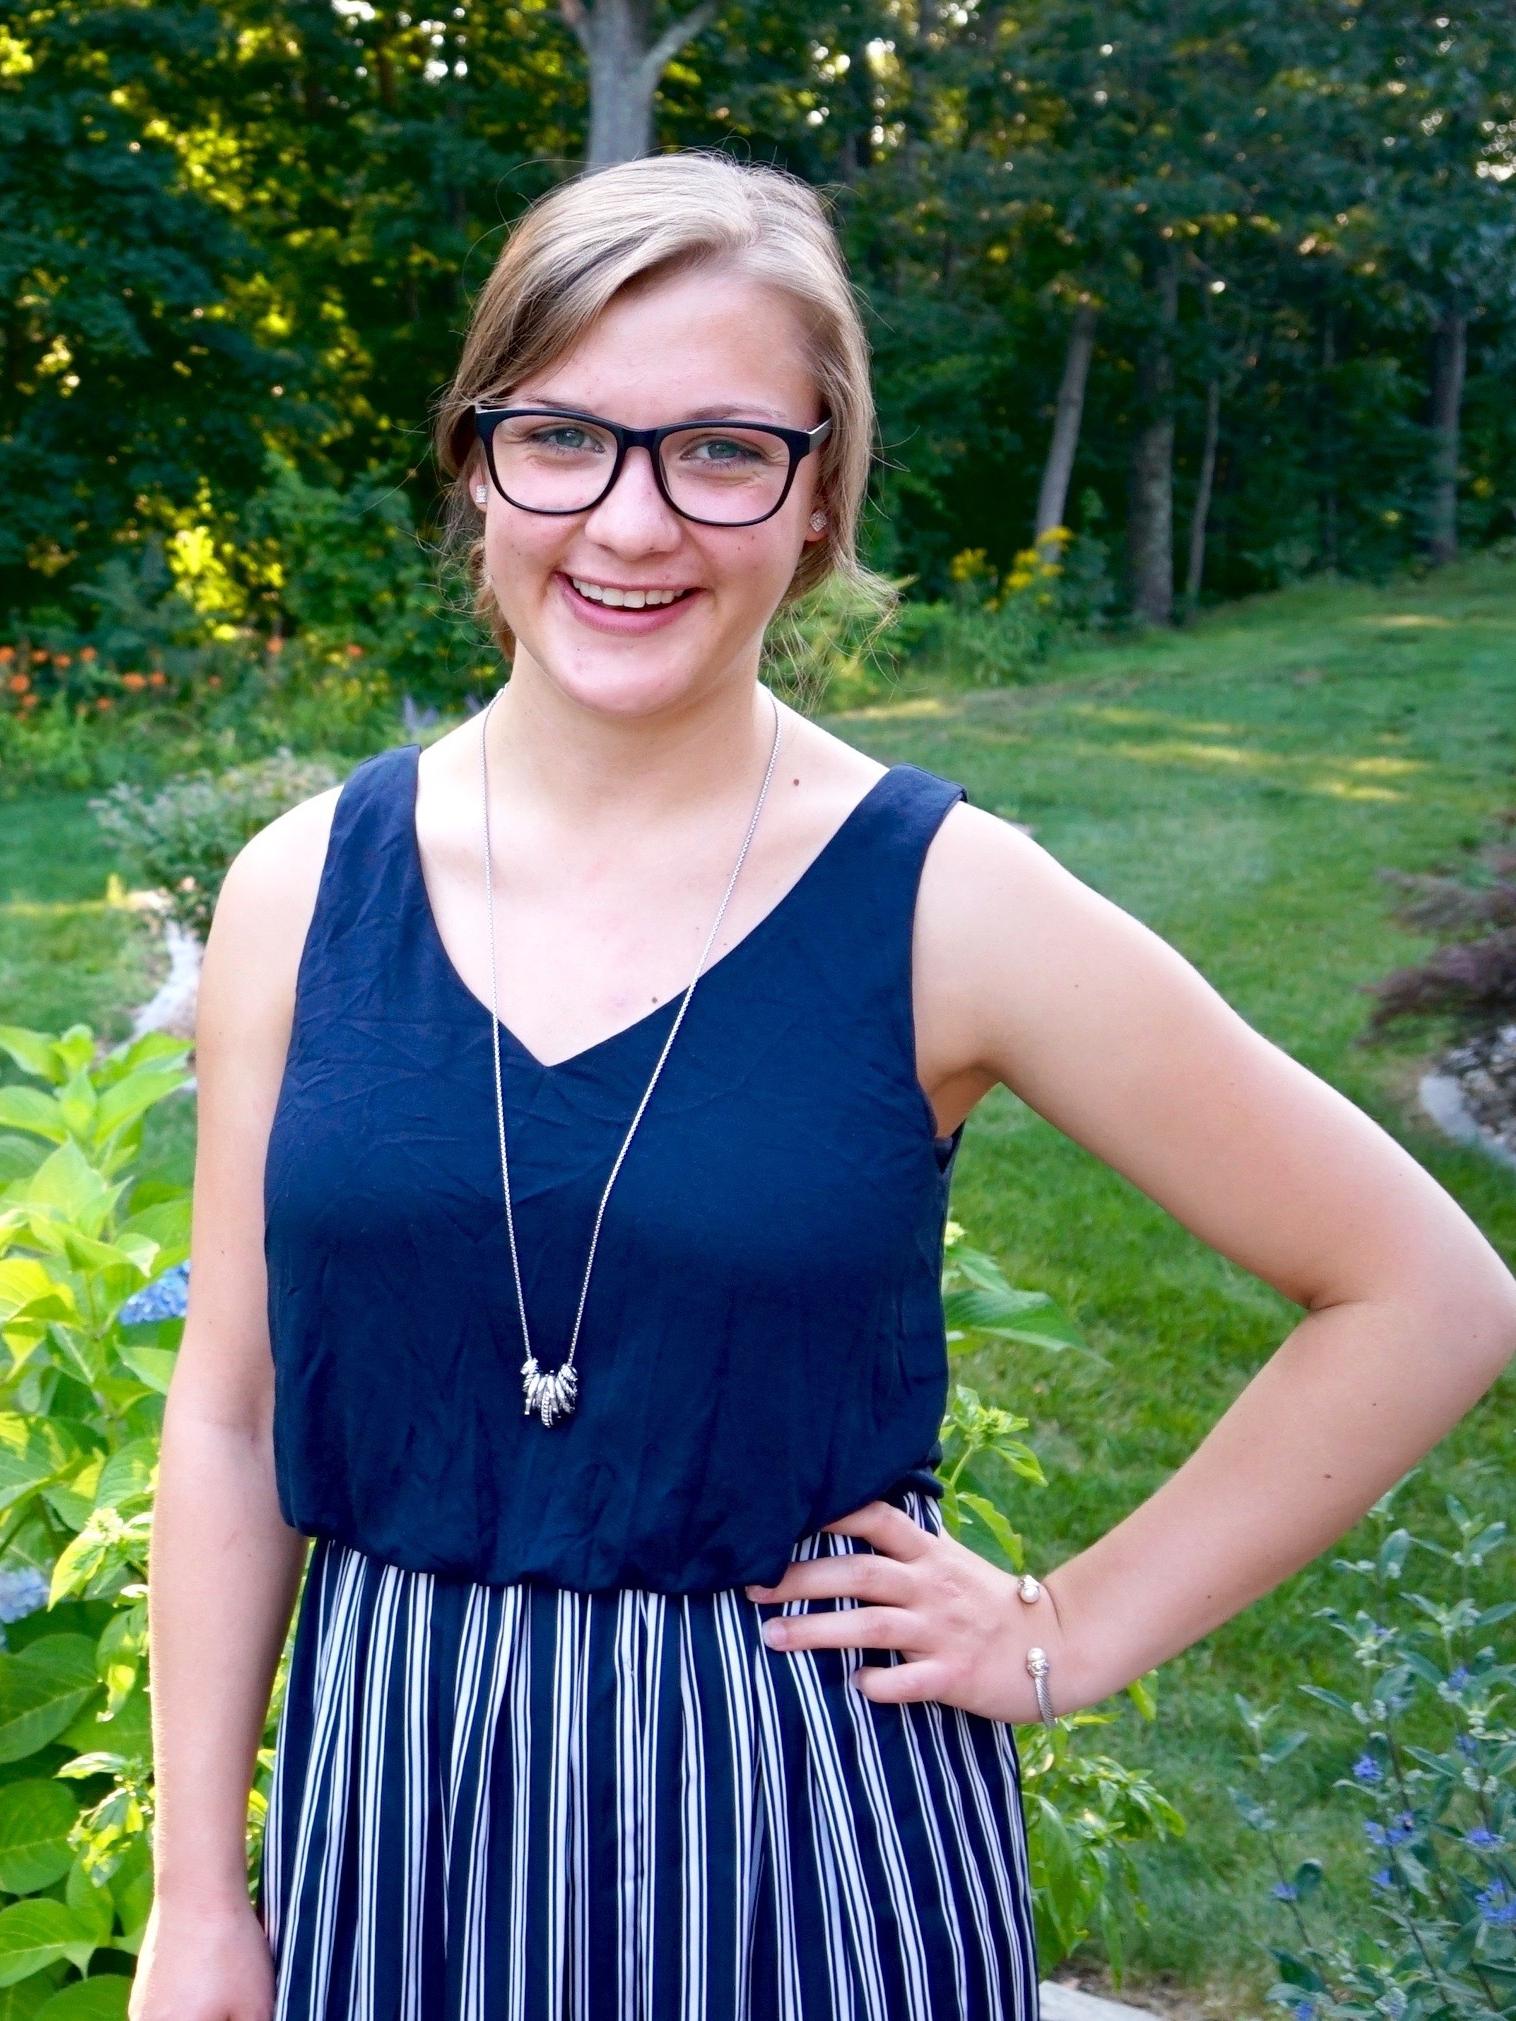 Meghan, Body Image Expert